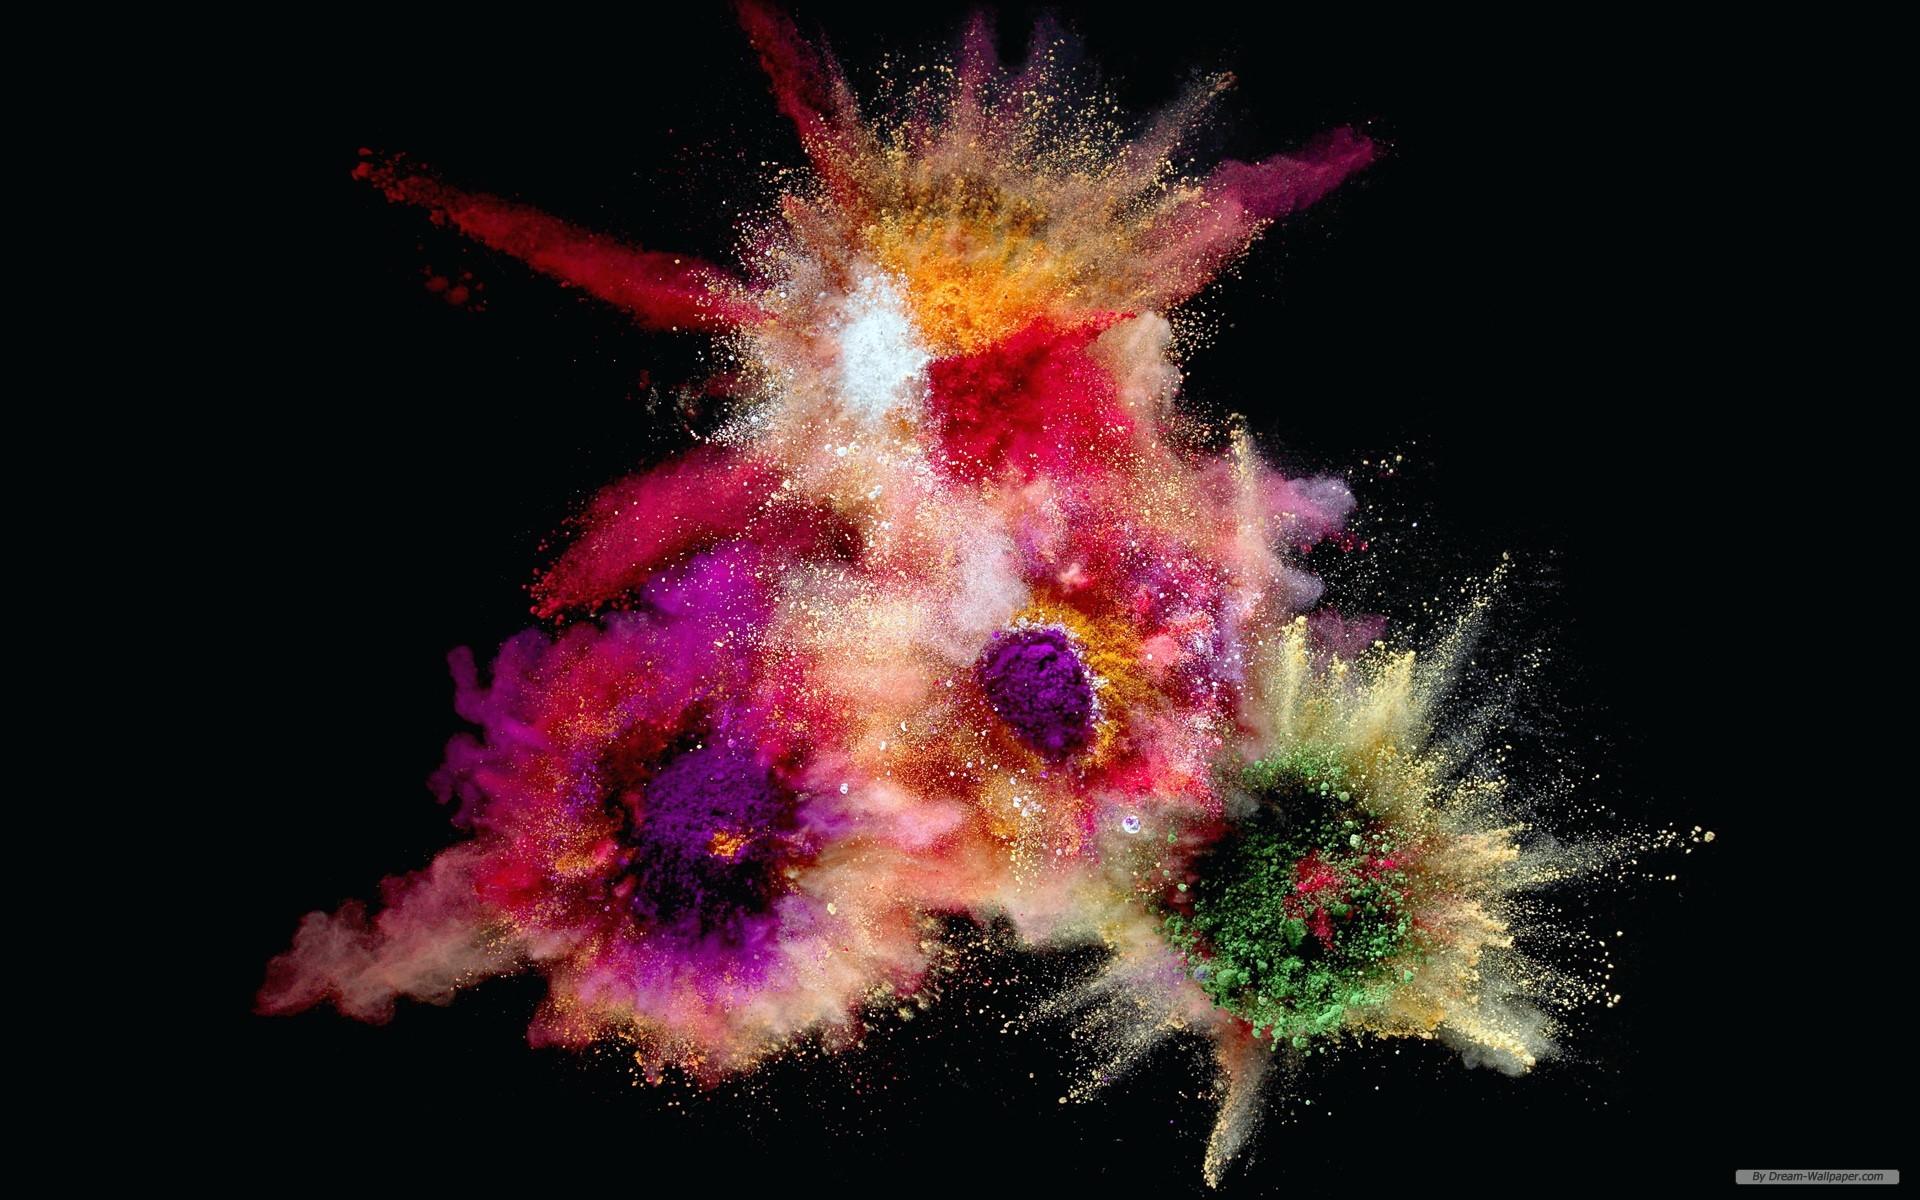 Art wallpaper   Color Splash wallpaper   1920x1200 wallpaper 1920x1200